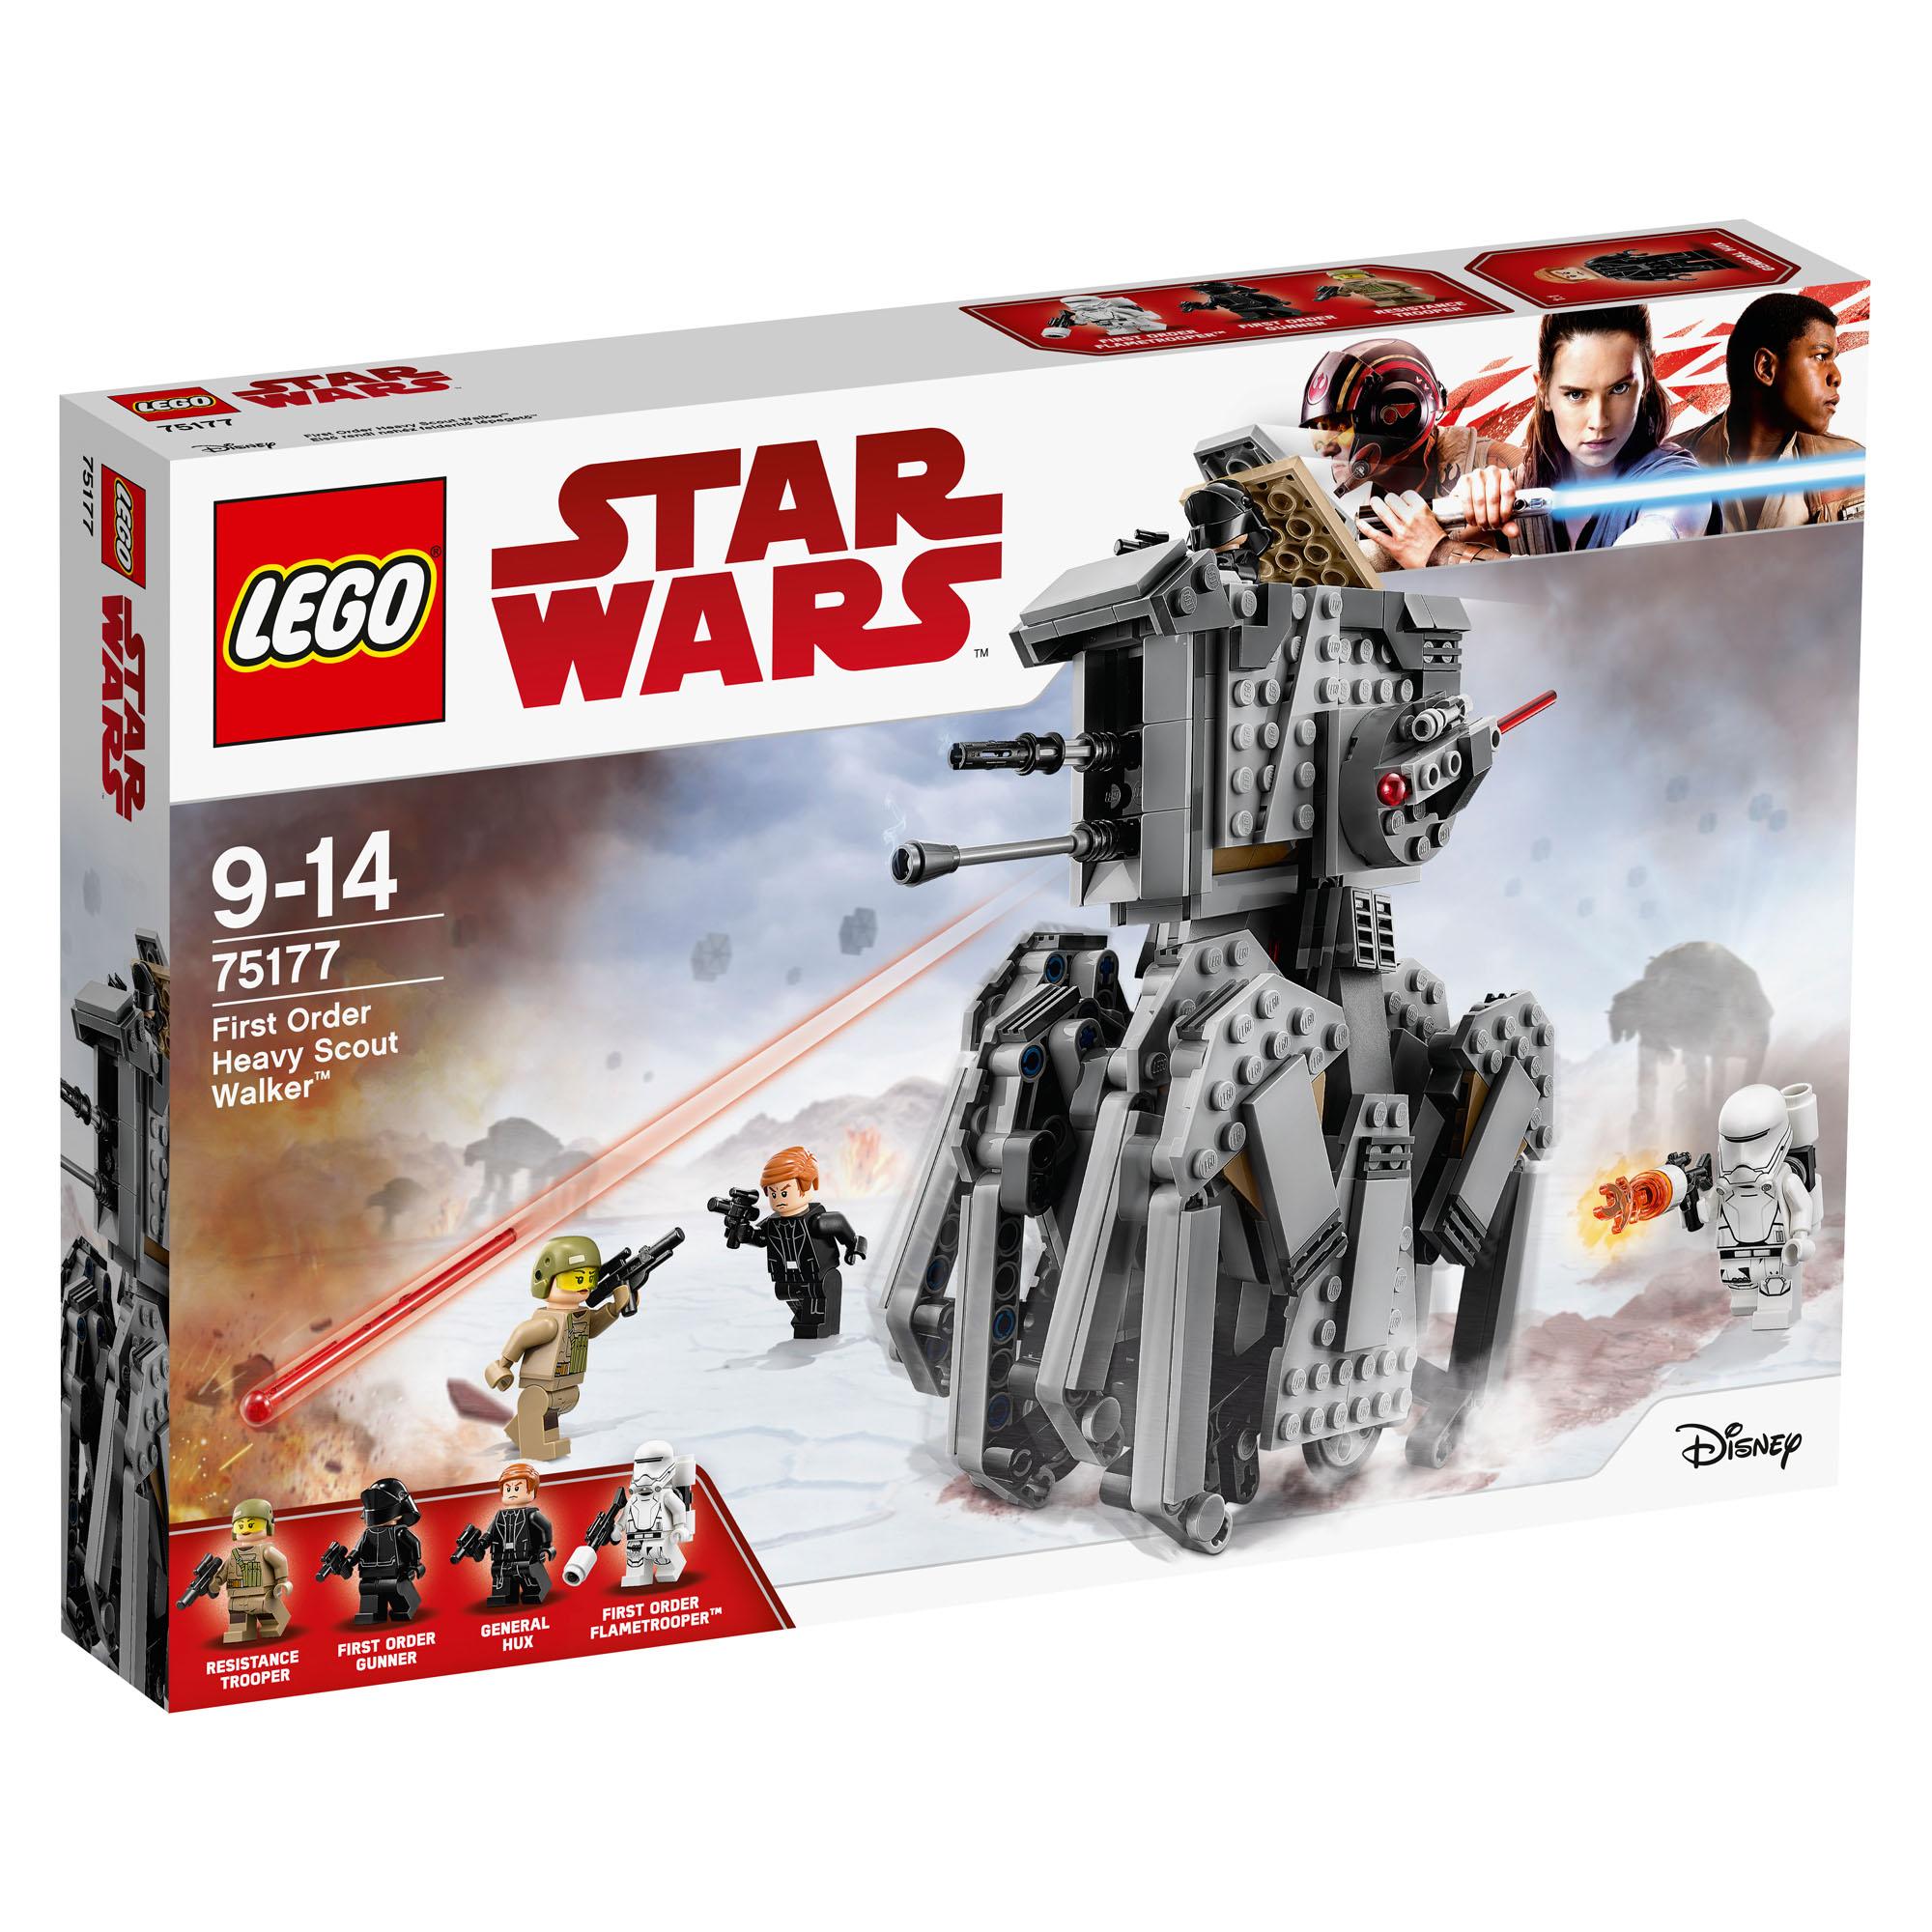 Lego Star Wars First Order Heavy Scout Walker 75177